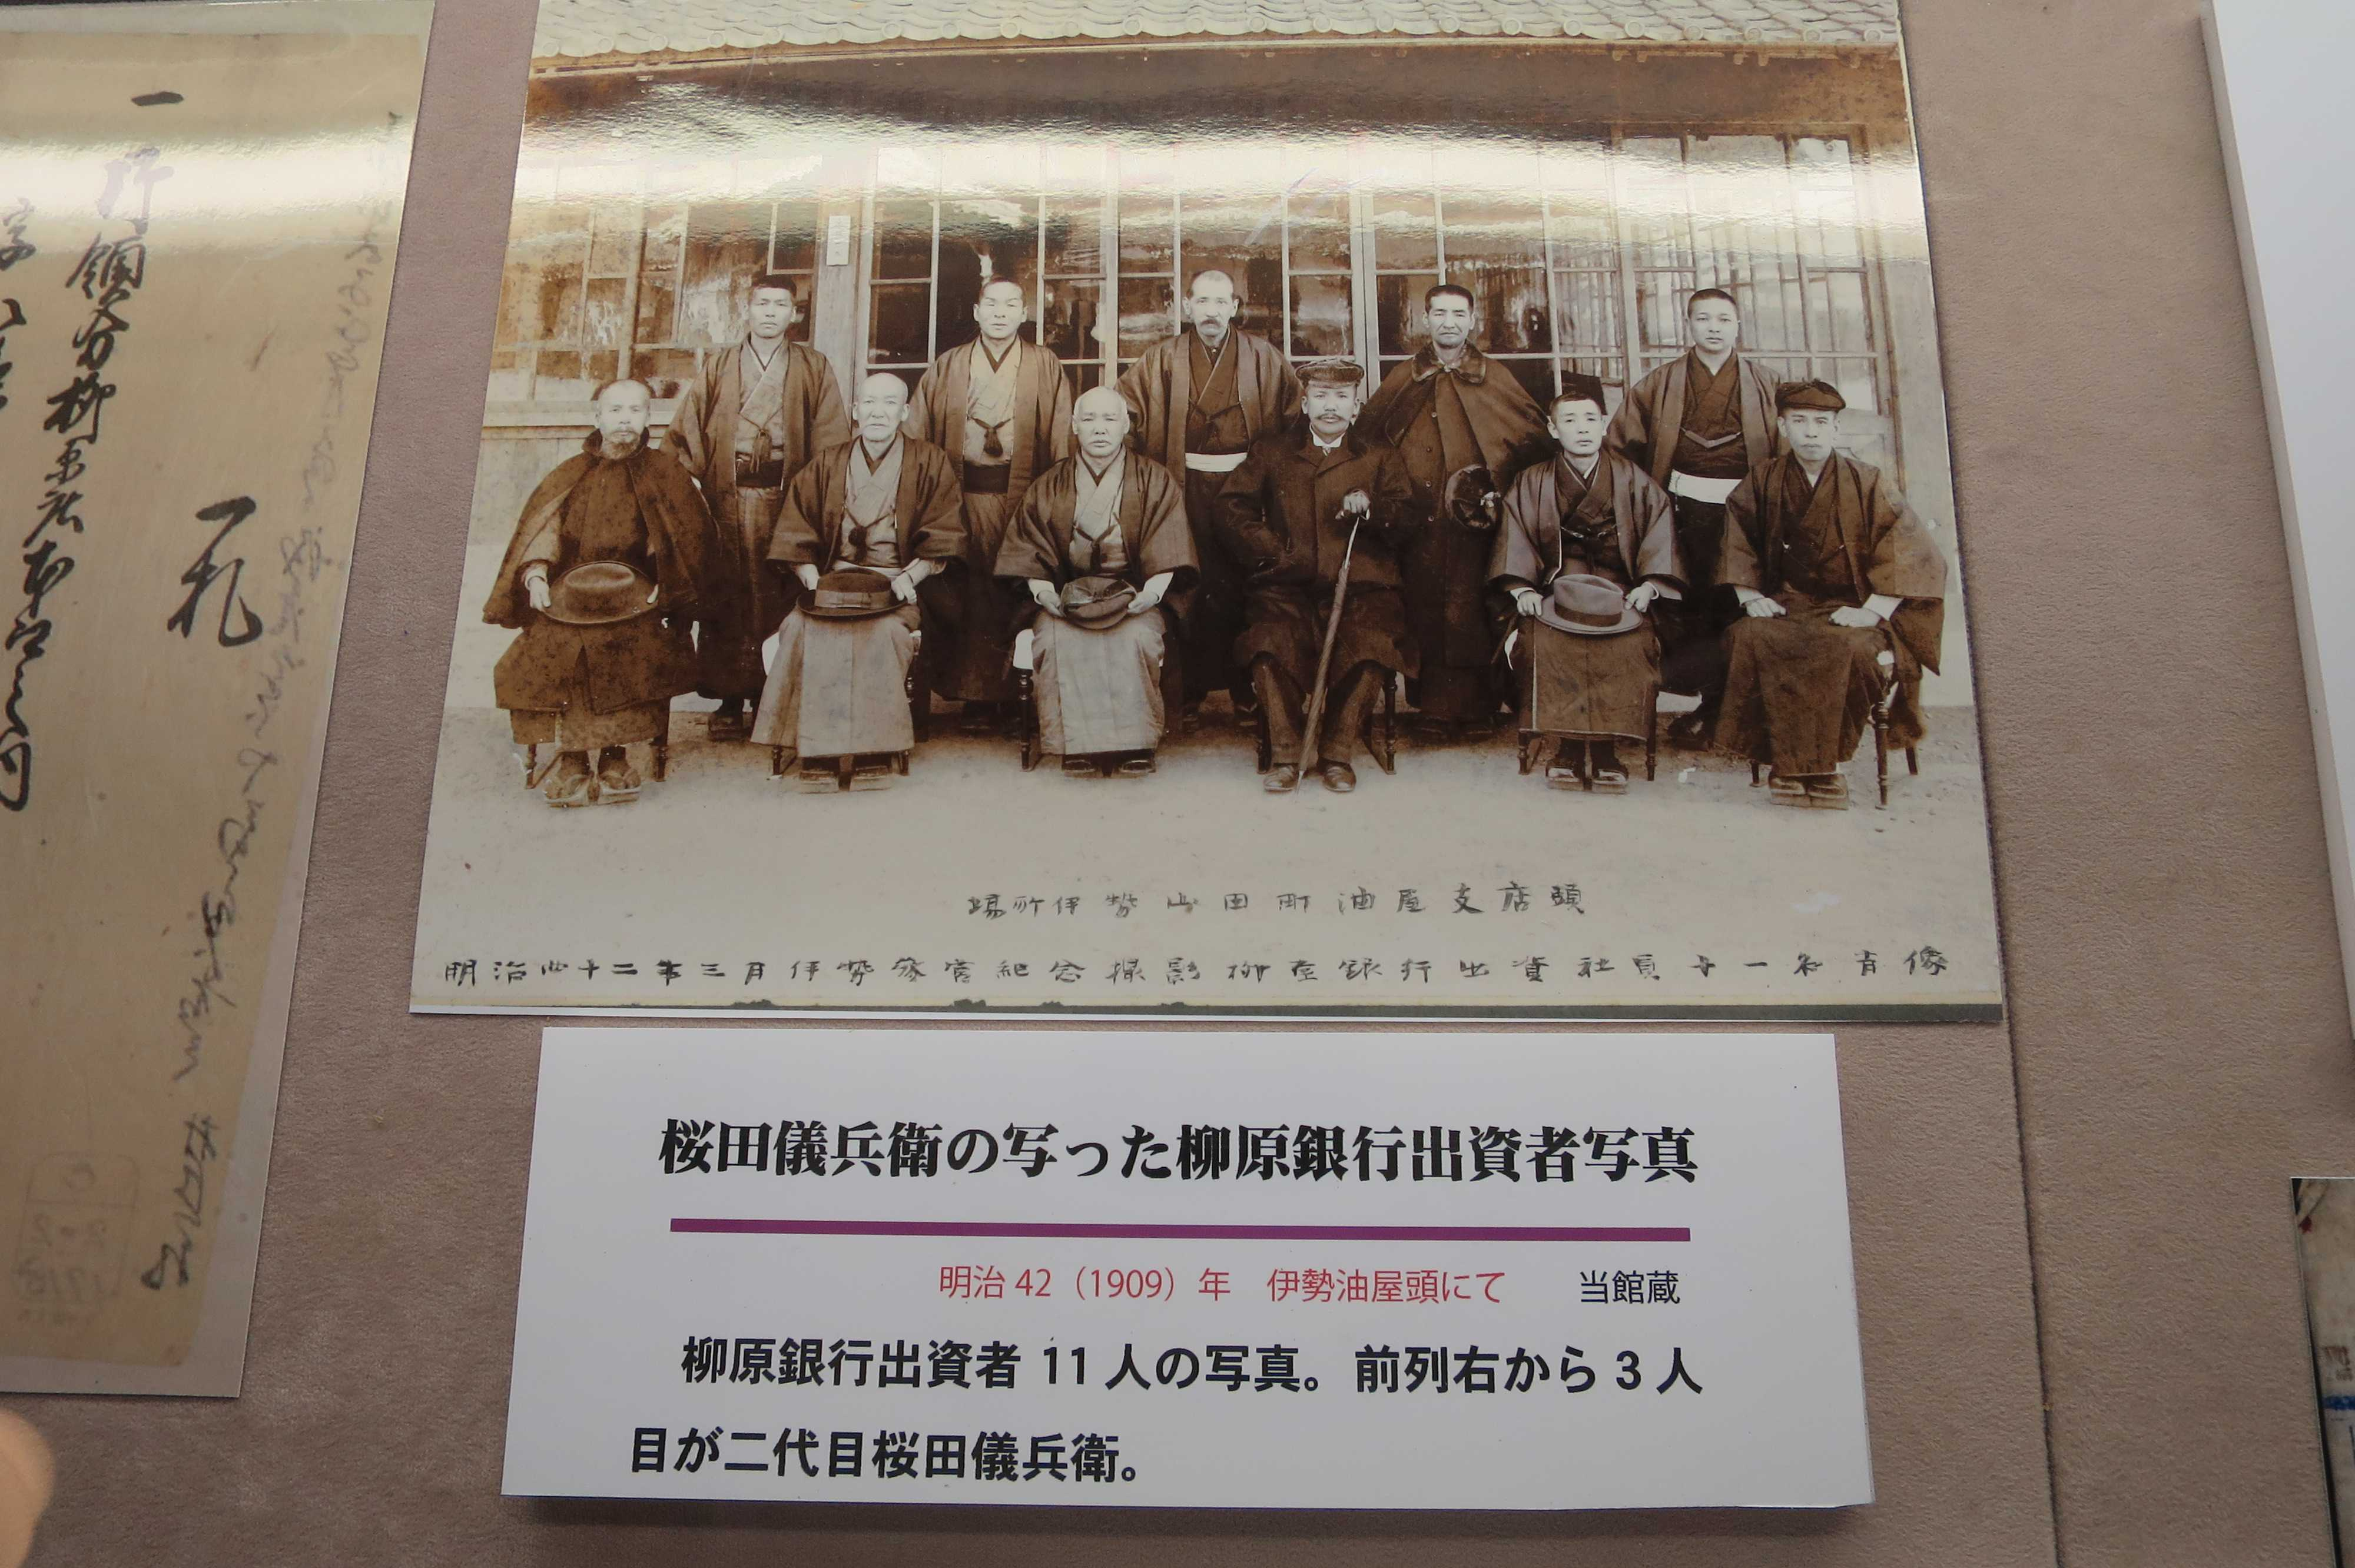 京都・崇仁地区 - 桜田儀兵衛の写った柳原銀行出資者の写真